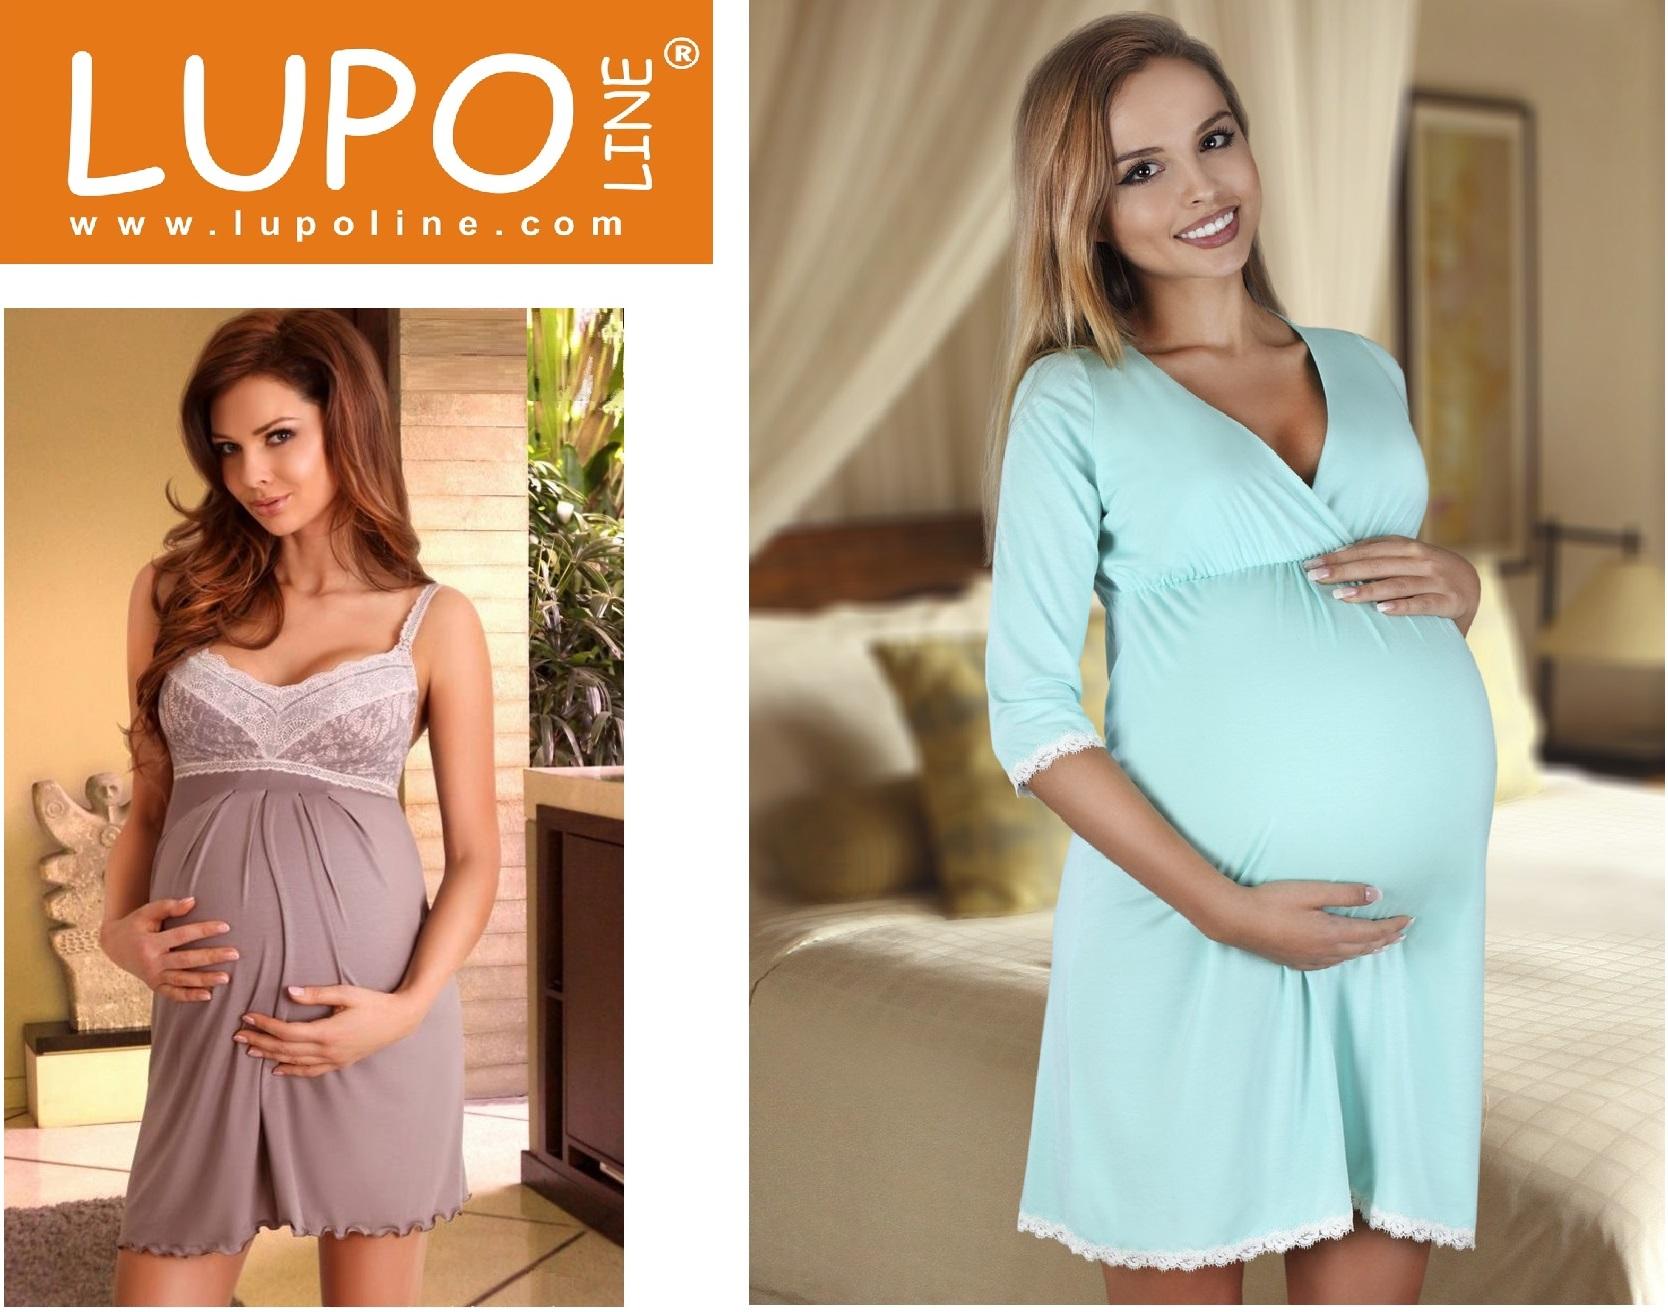 Одежда для дома и сна ночные сорочки пижамы комплекты халаты одежда для беременных и кормящих мам Lupoline купить интернет-магазин Киев